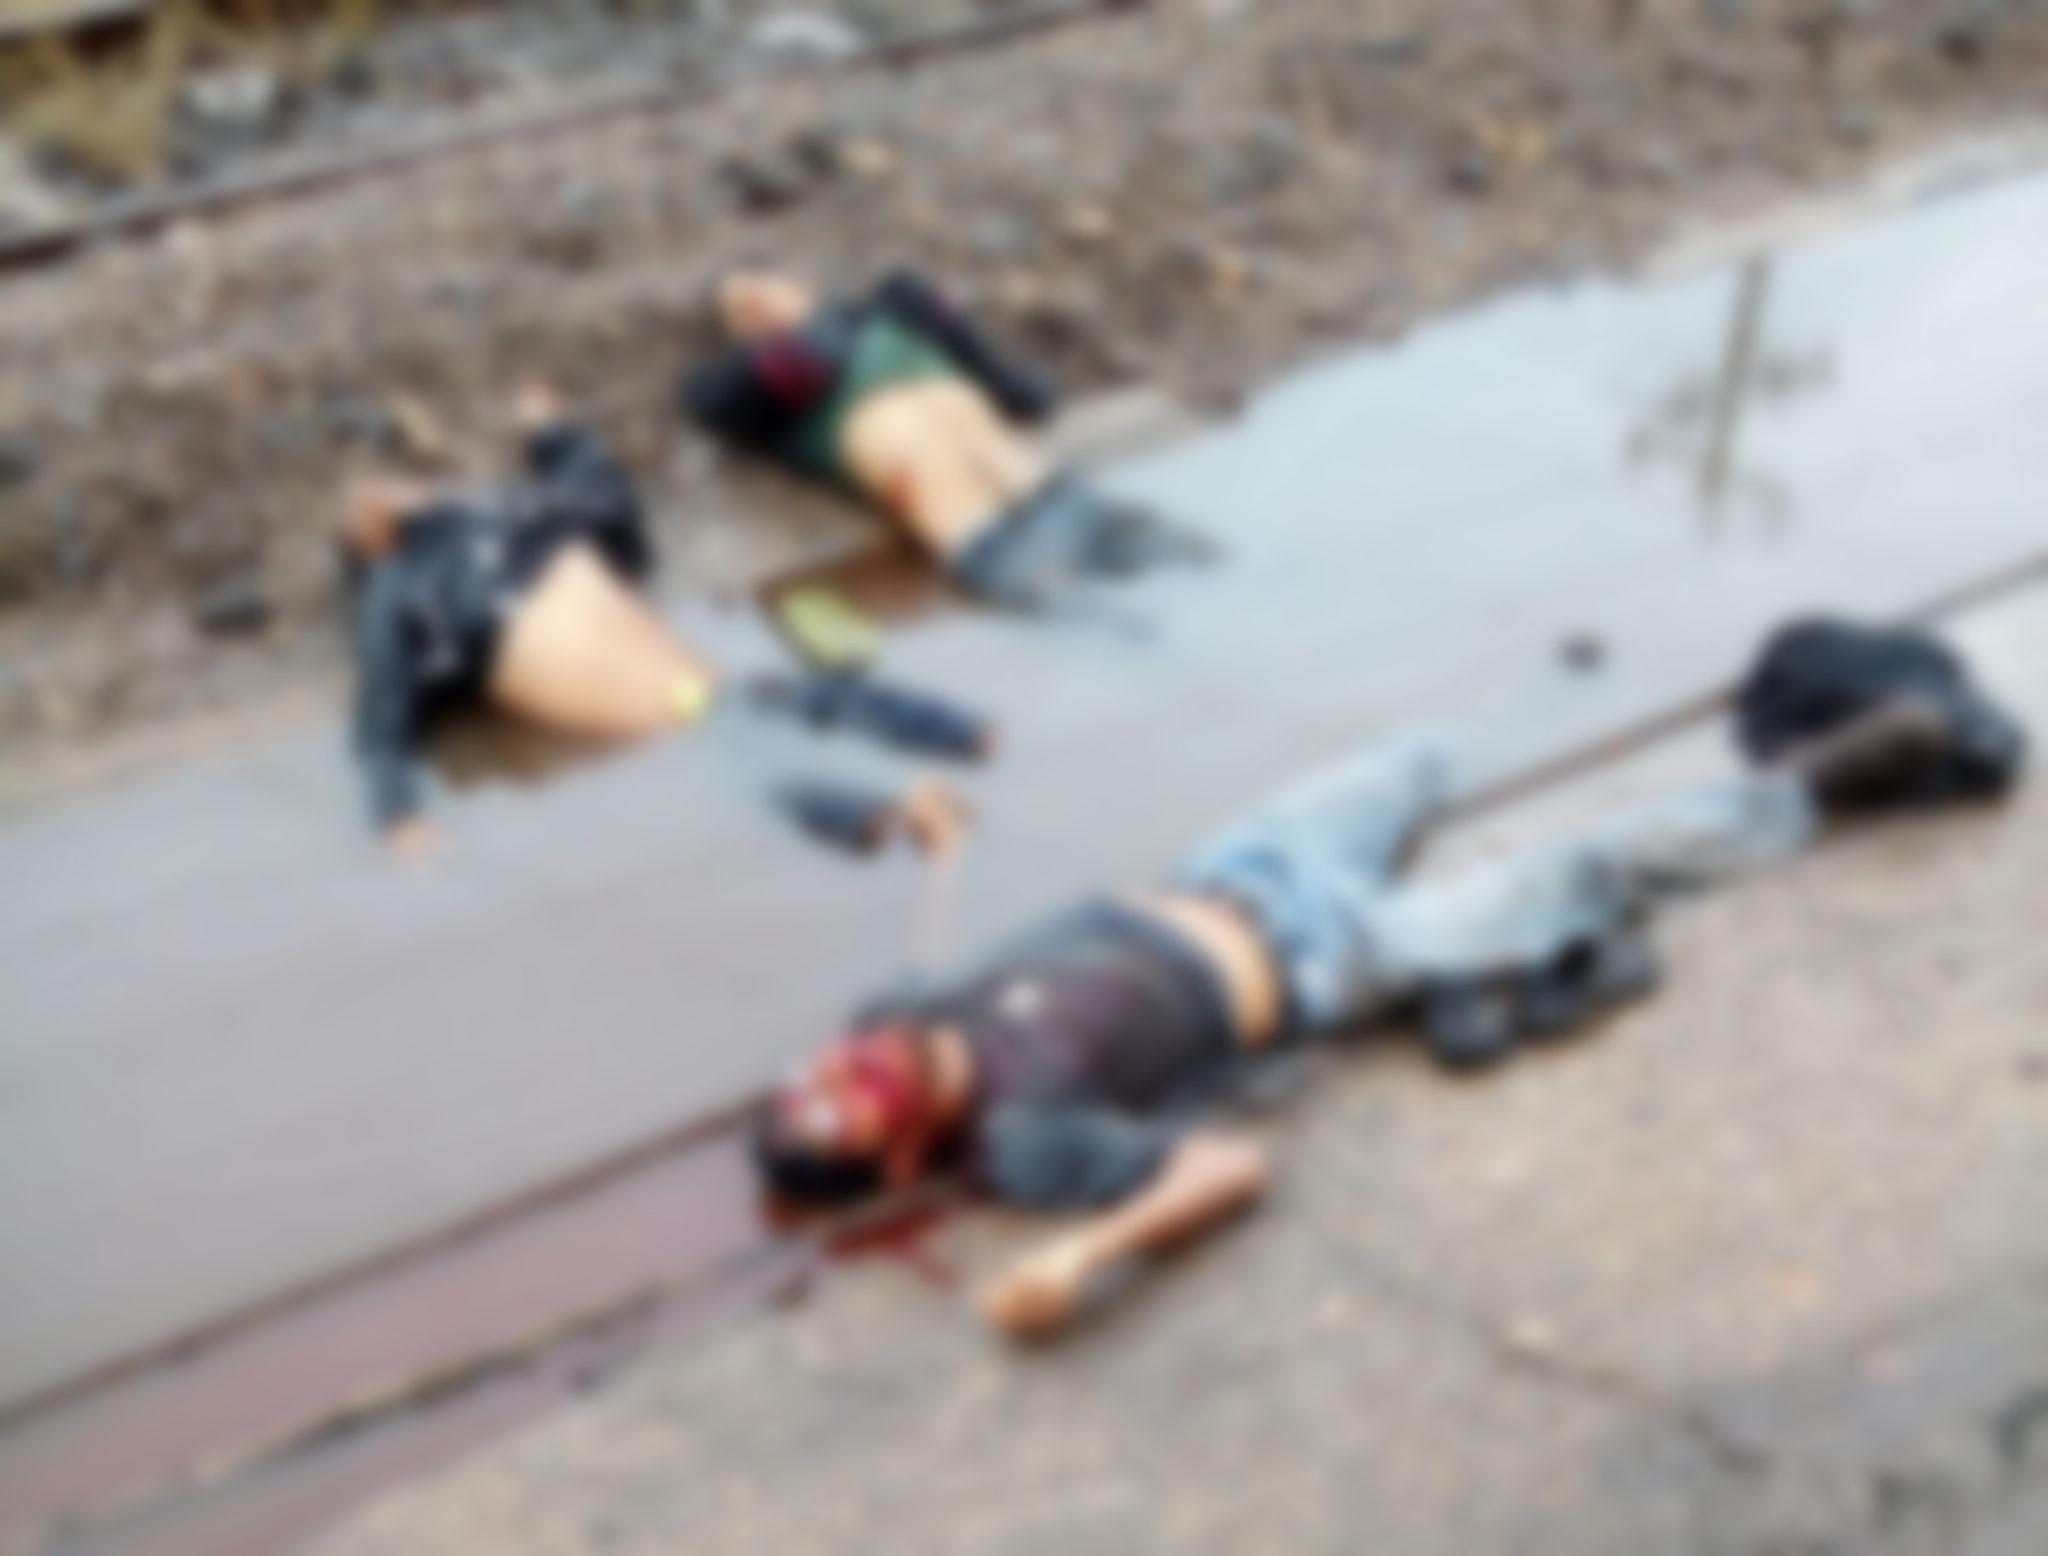 Triple asesinato en la carretera de Tuxtepec a Valle Nacional , iban en moto | El Imparcial de Oaxaca